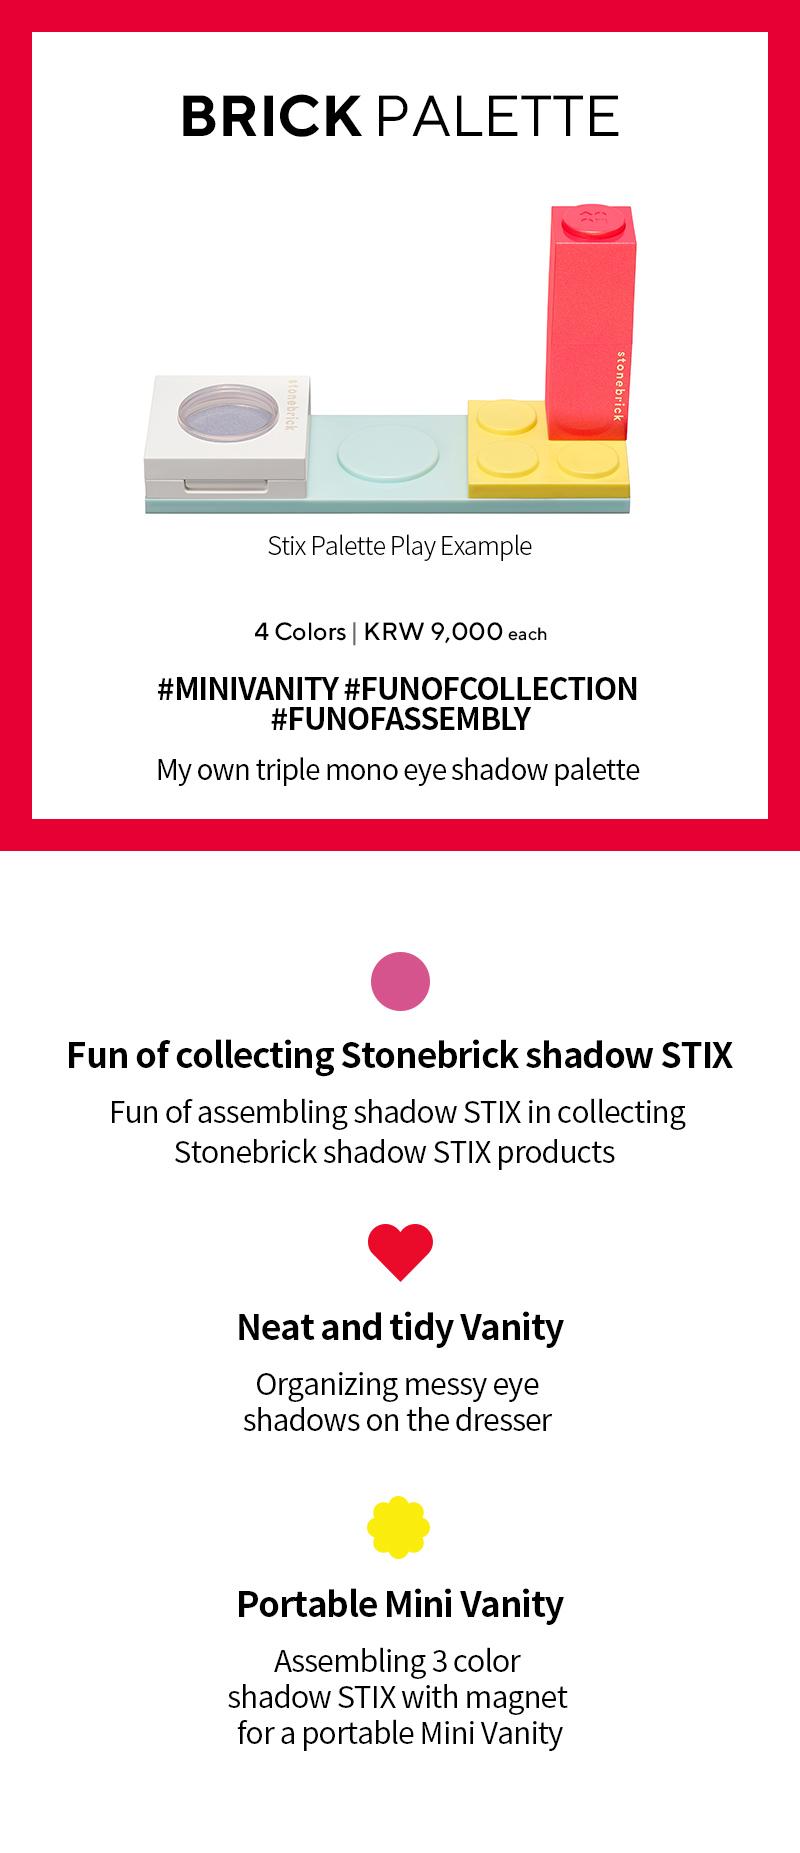 stonebrick-Brick-palette-4-Colors-Product-Description-01